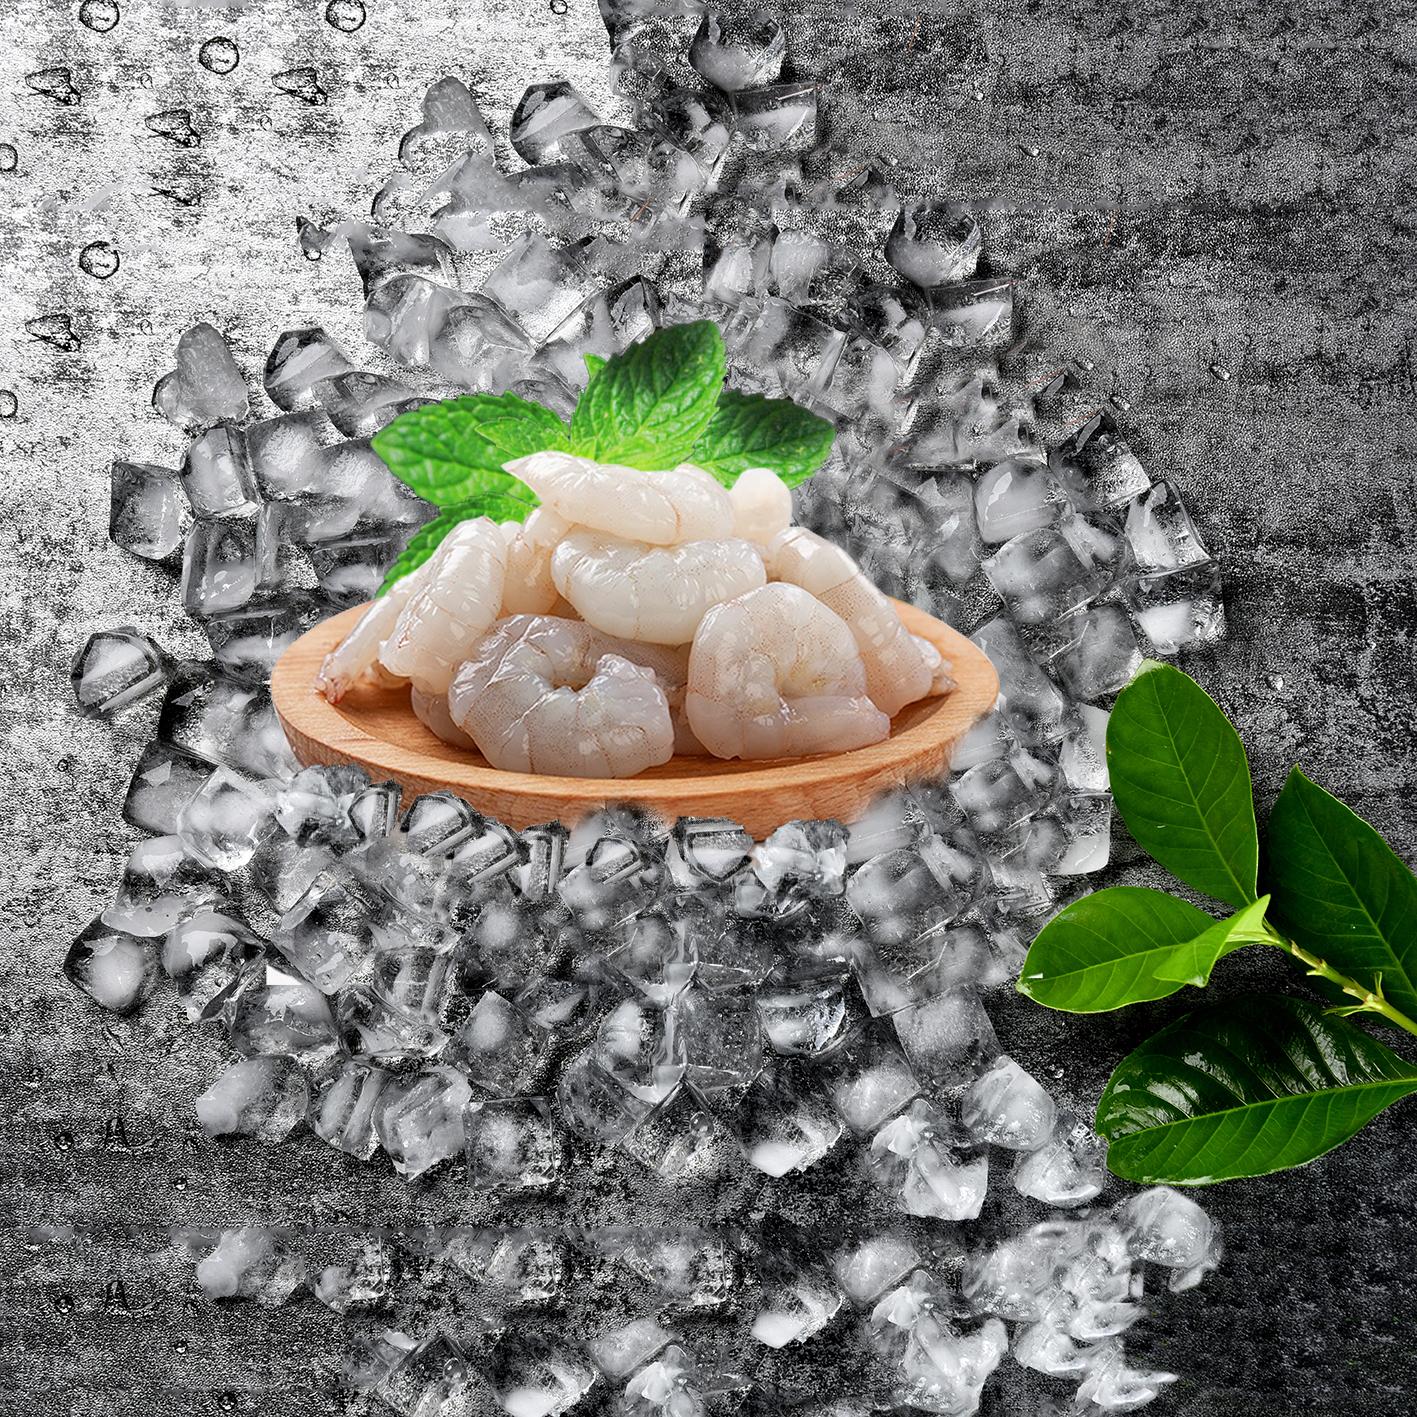 活剥南美青虾仁700g 白对虾冷冻大虾仁虾仁水晶虾仁新鲜海鲜